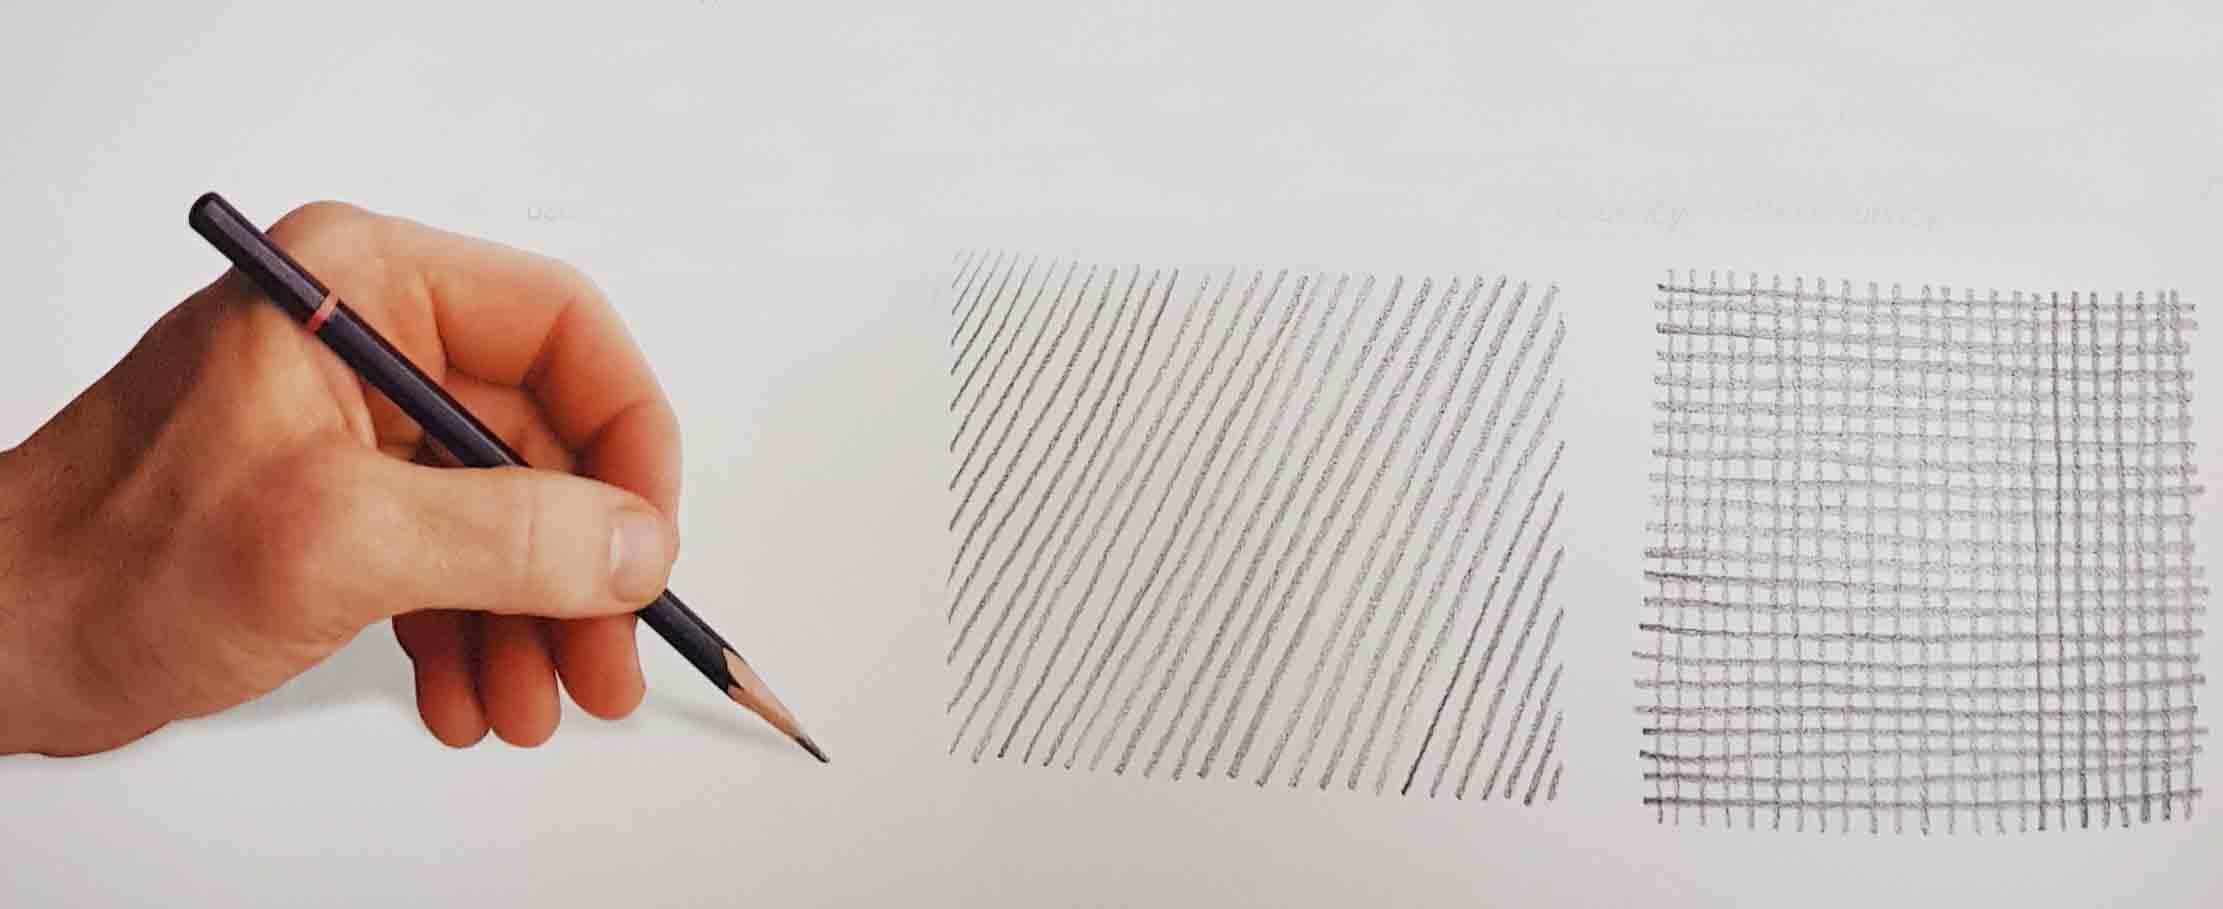 Штриховка одной линией карандашом